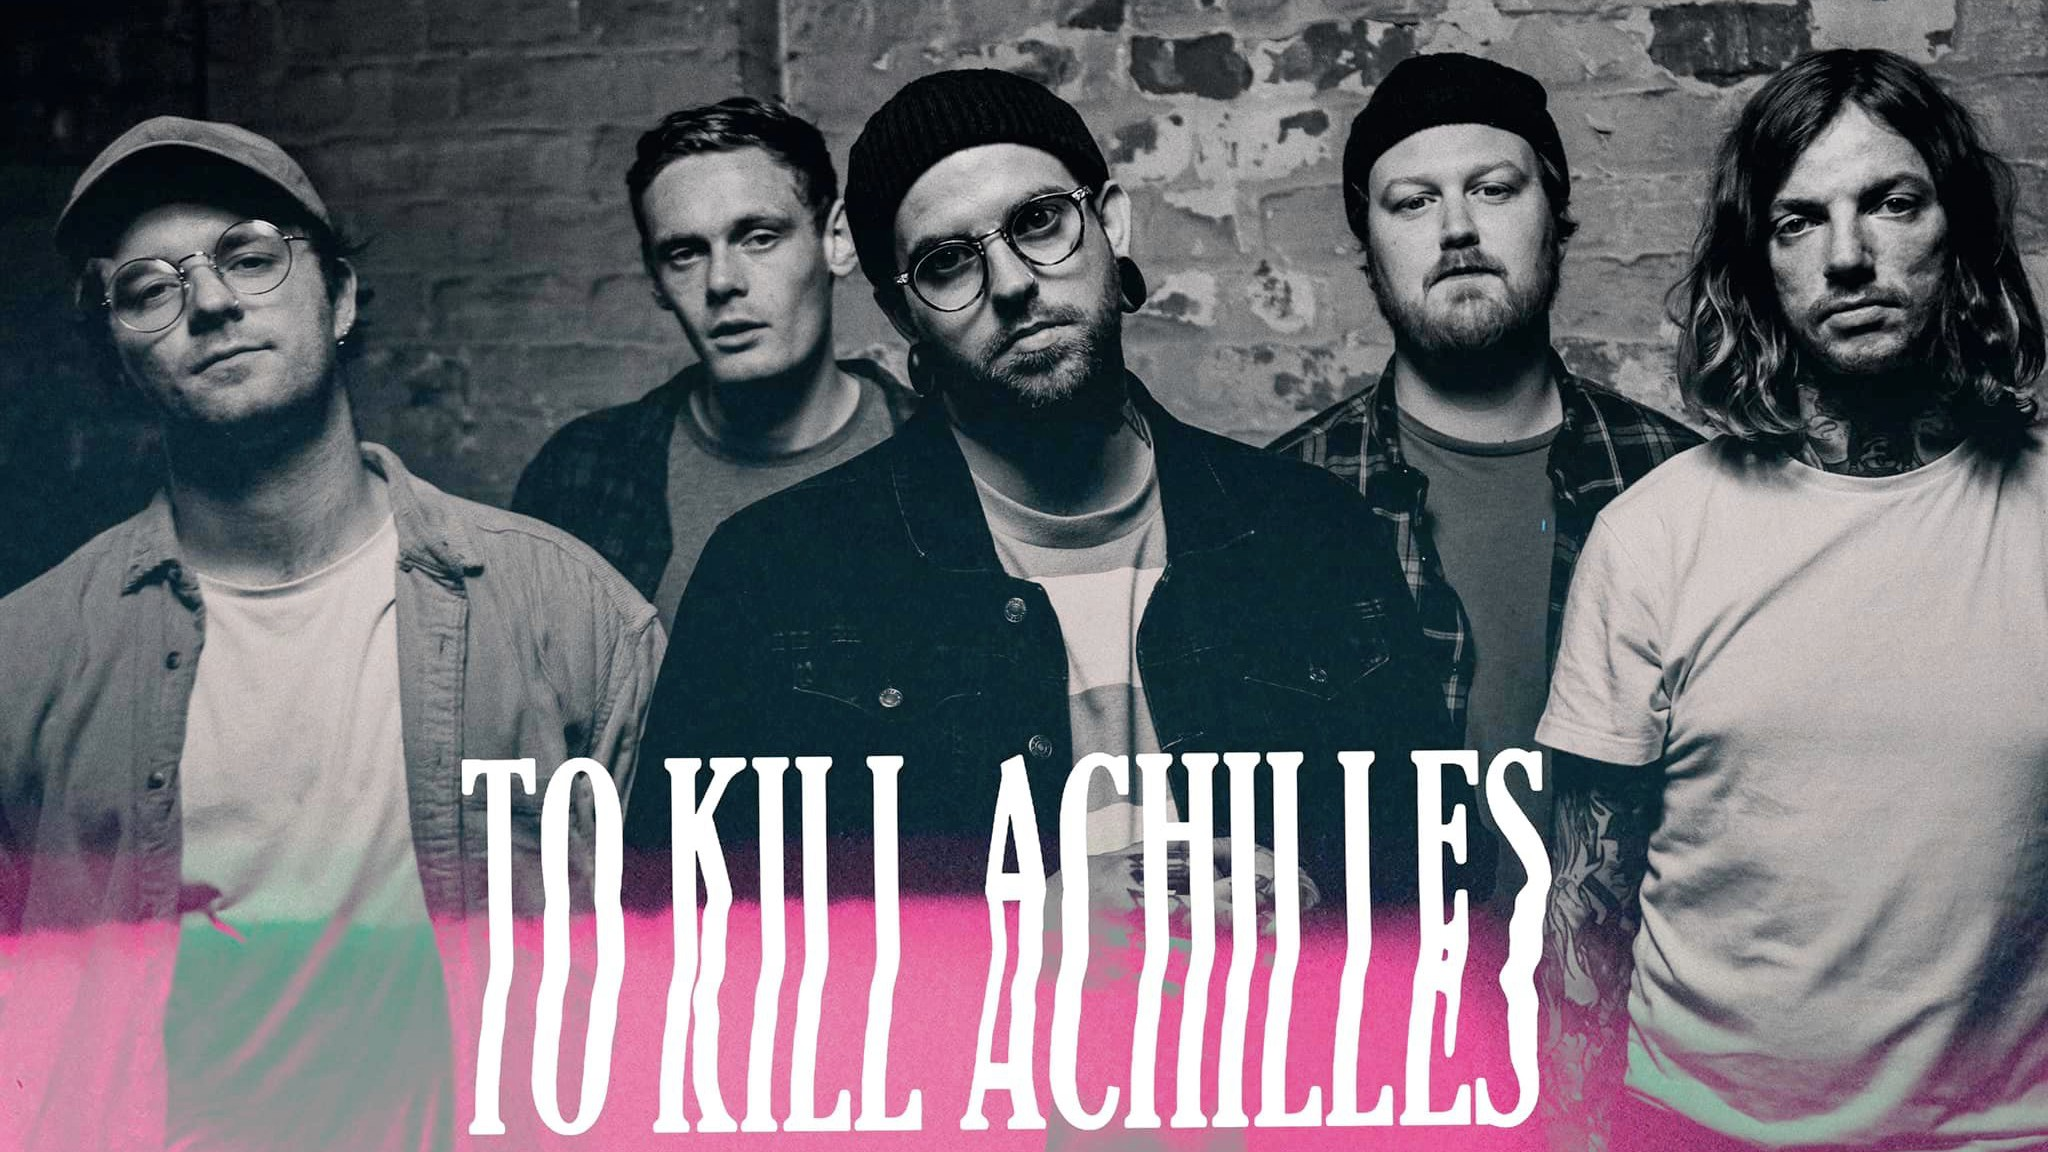 To Kill Achilles